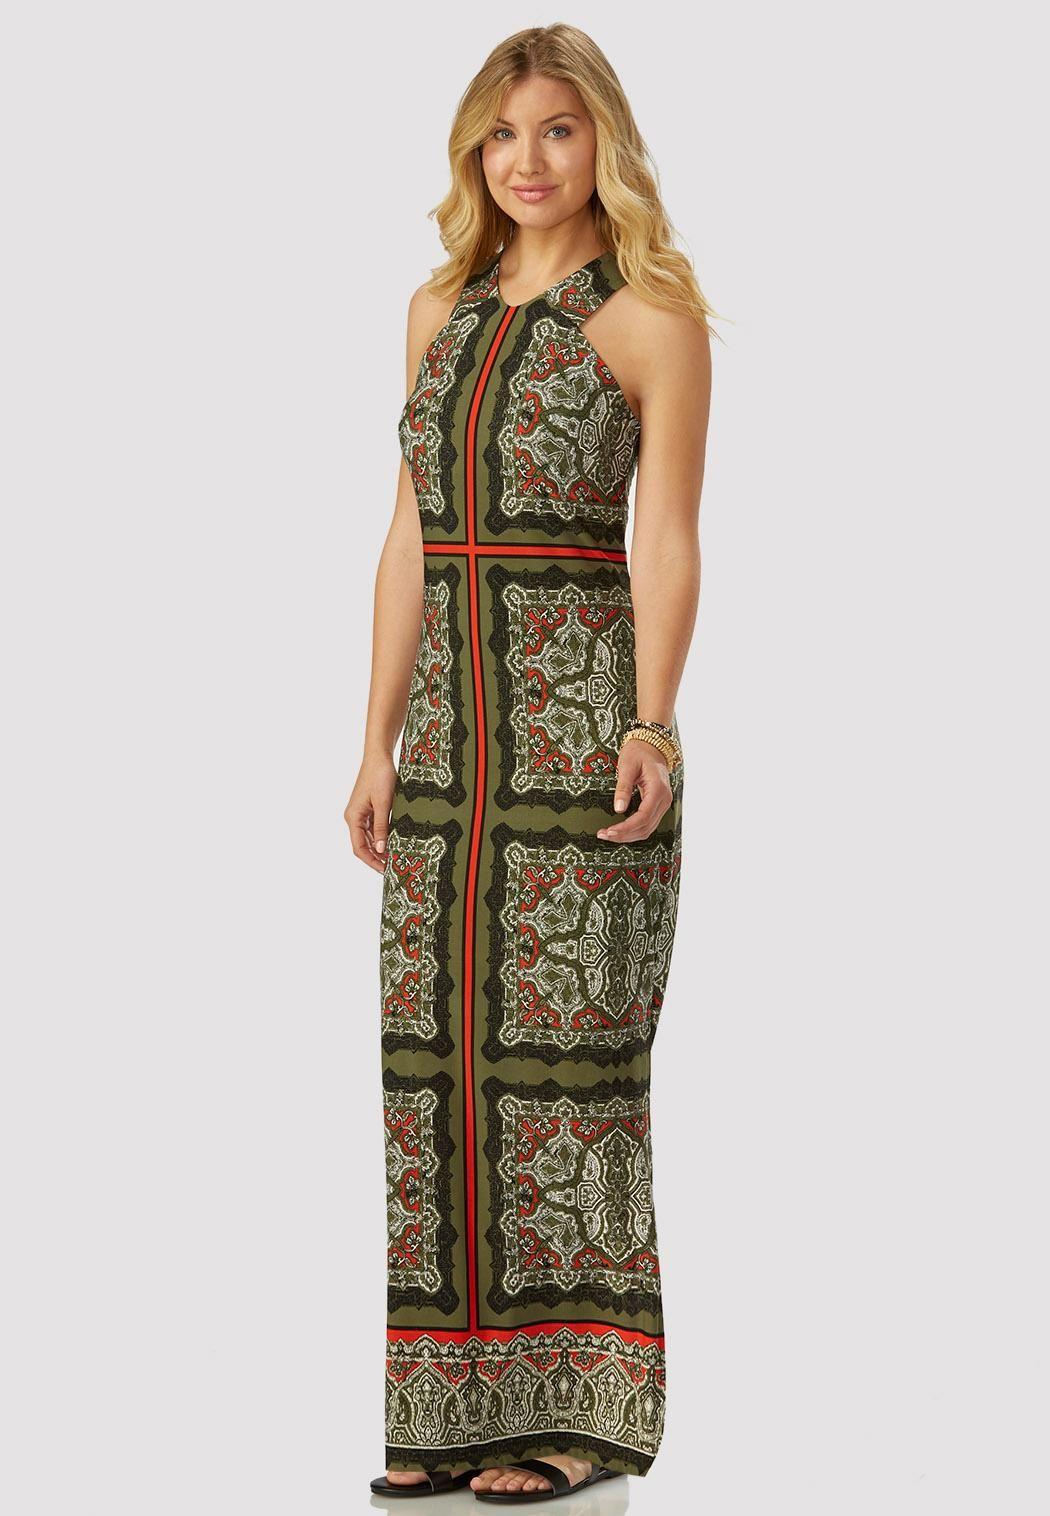 catos plus size maxi dresses | my best dresses | pinterest